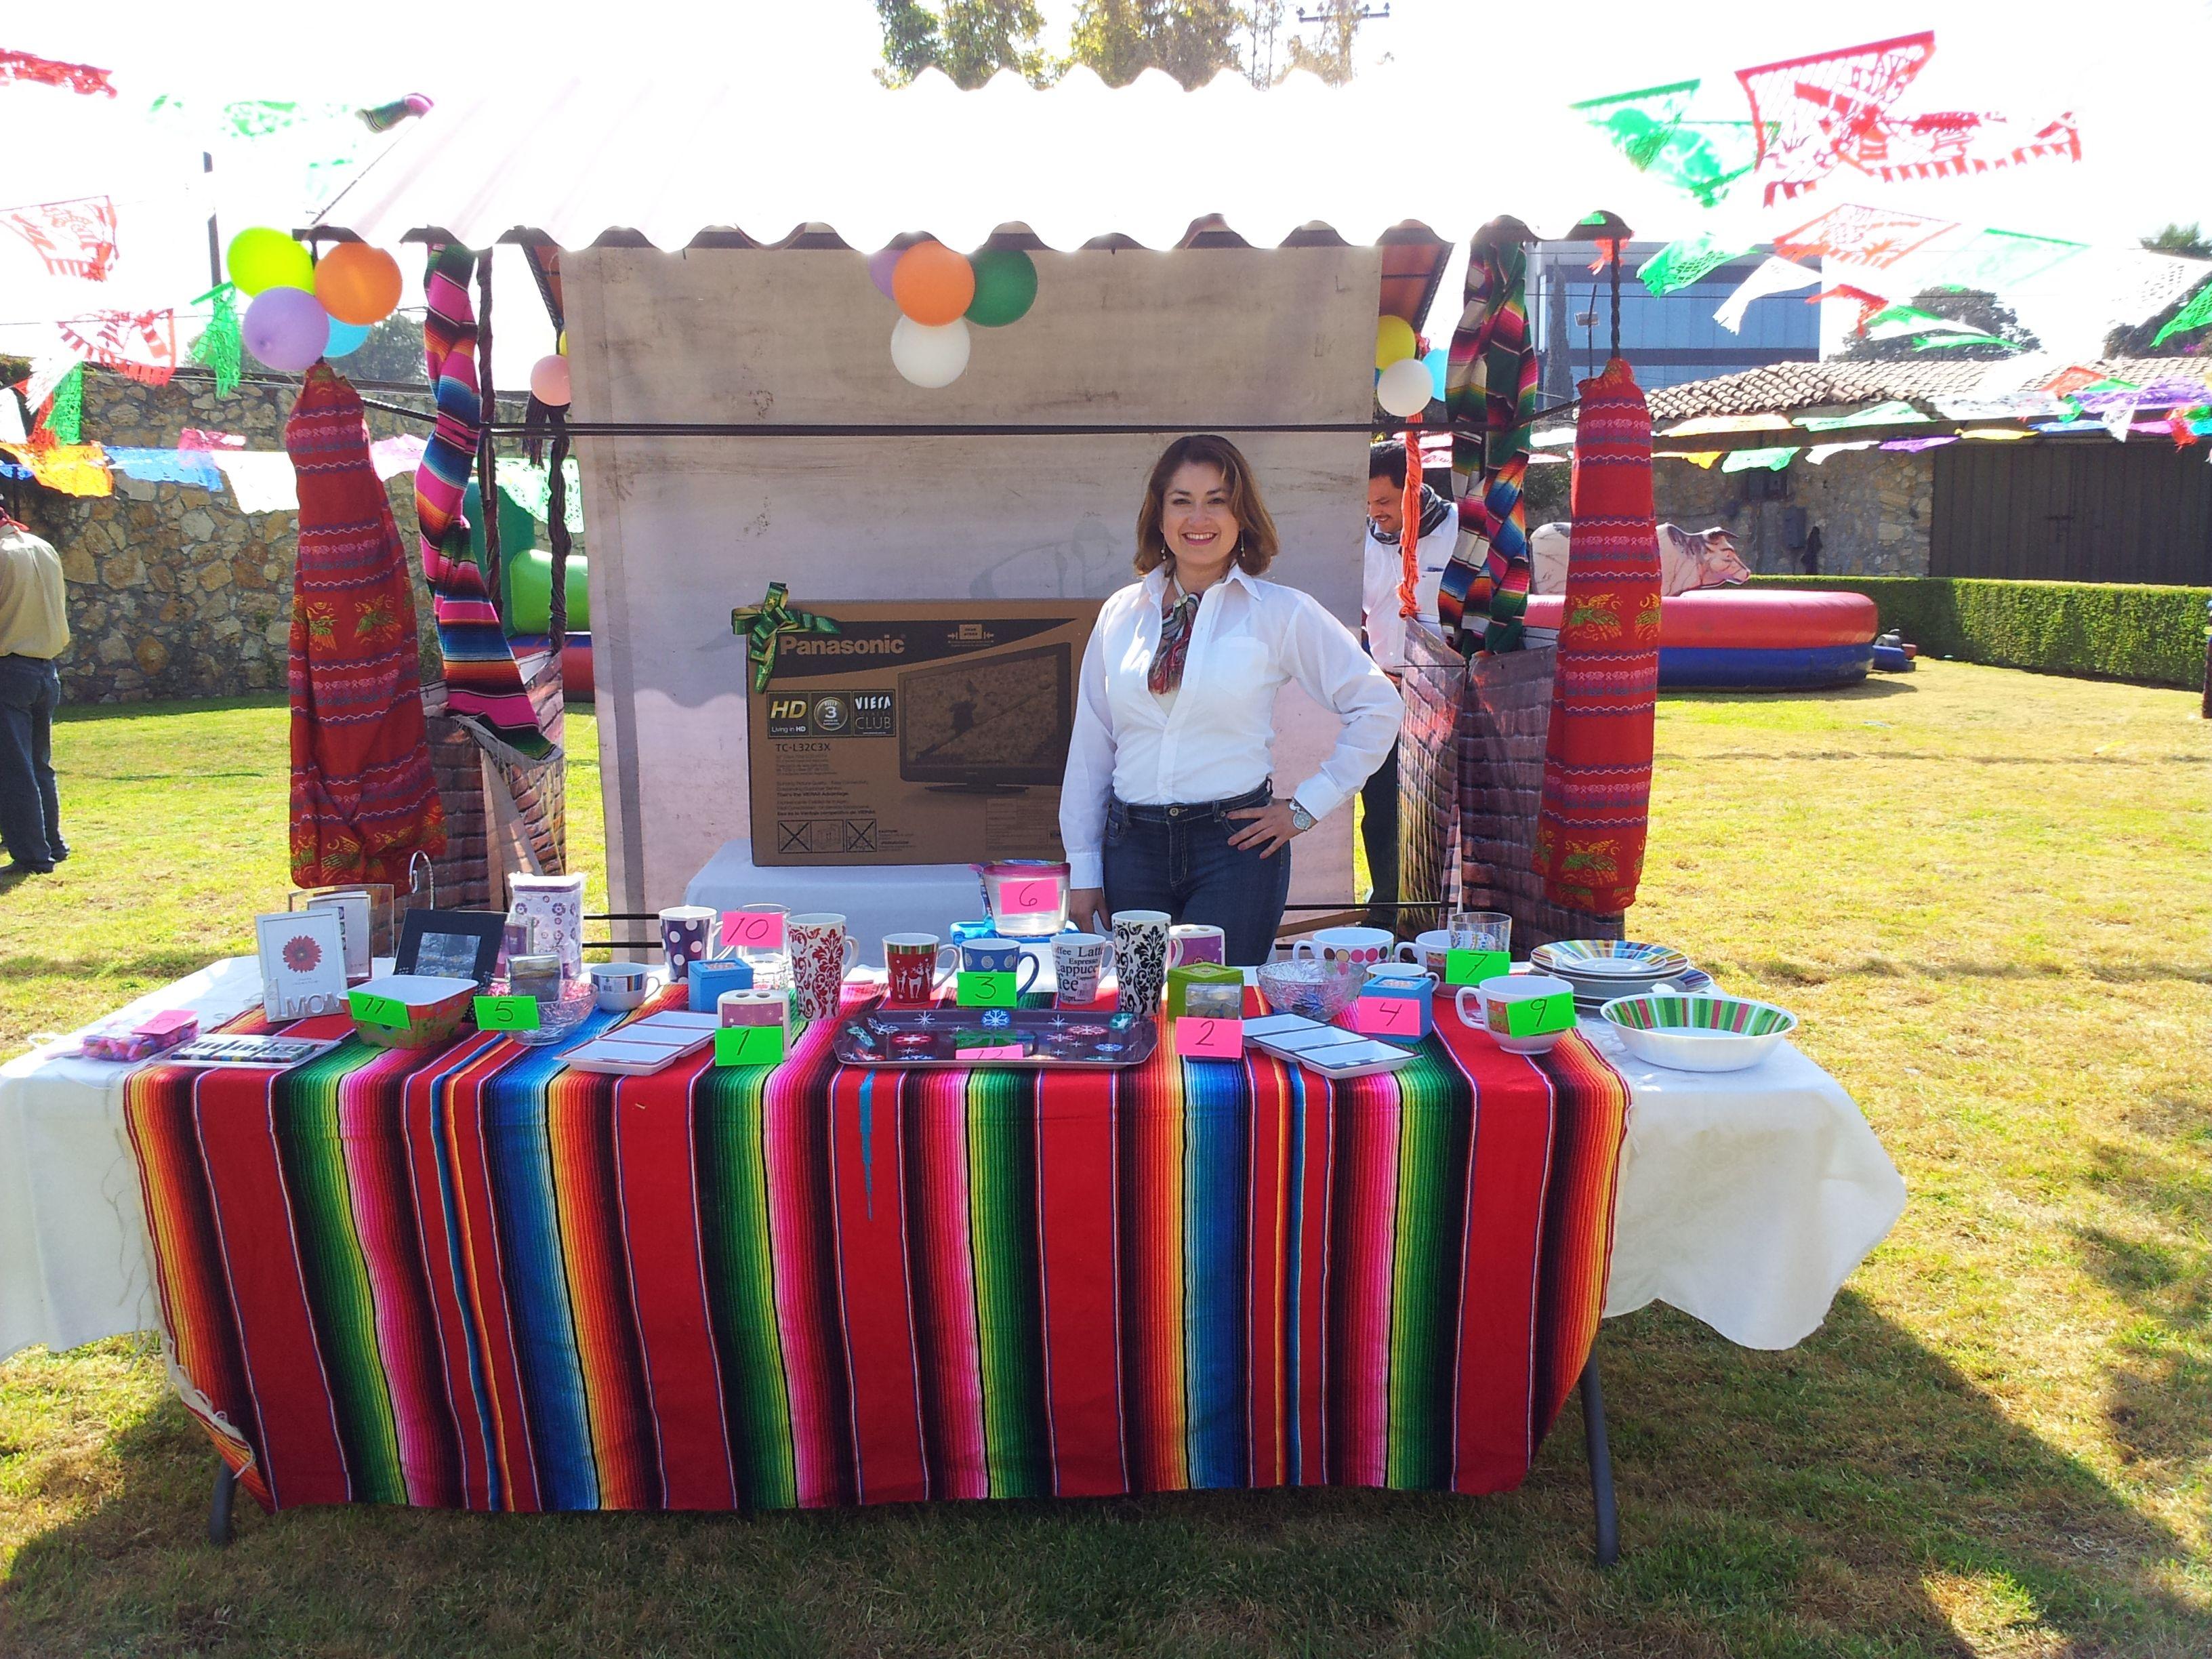 La mesa de los premios feria mexicana con juegos de destreza pinterest premios mesas y for Decoracion kermes mexicana